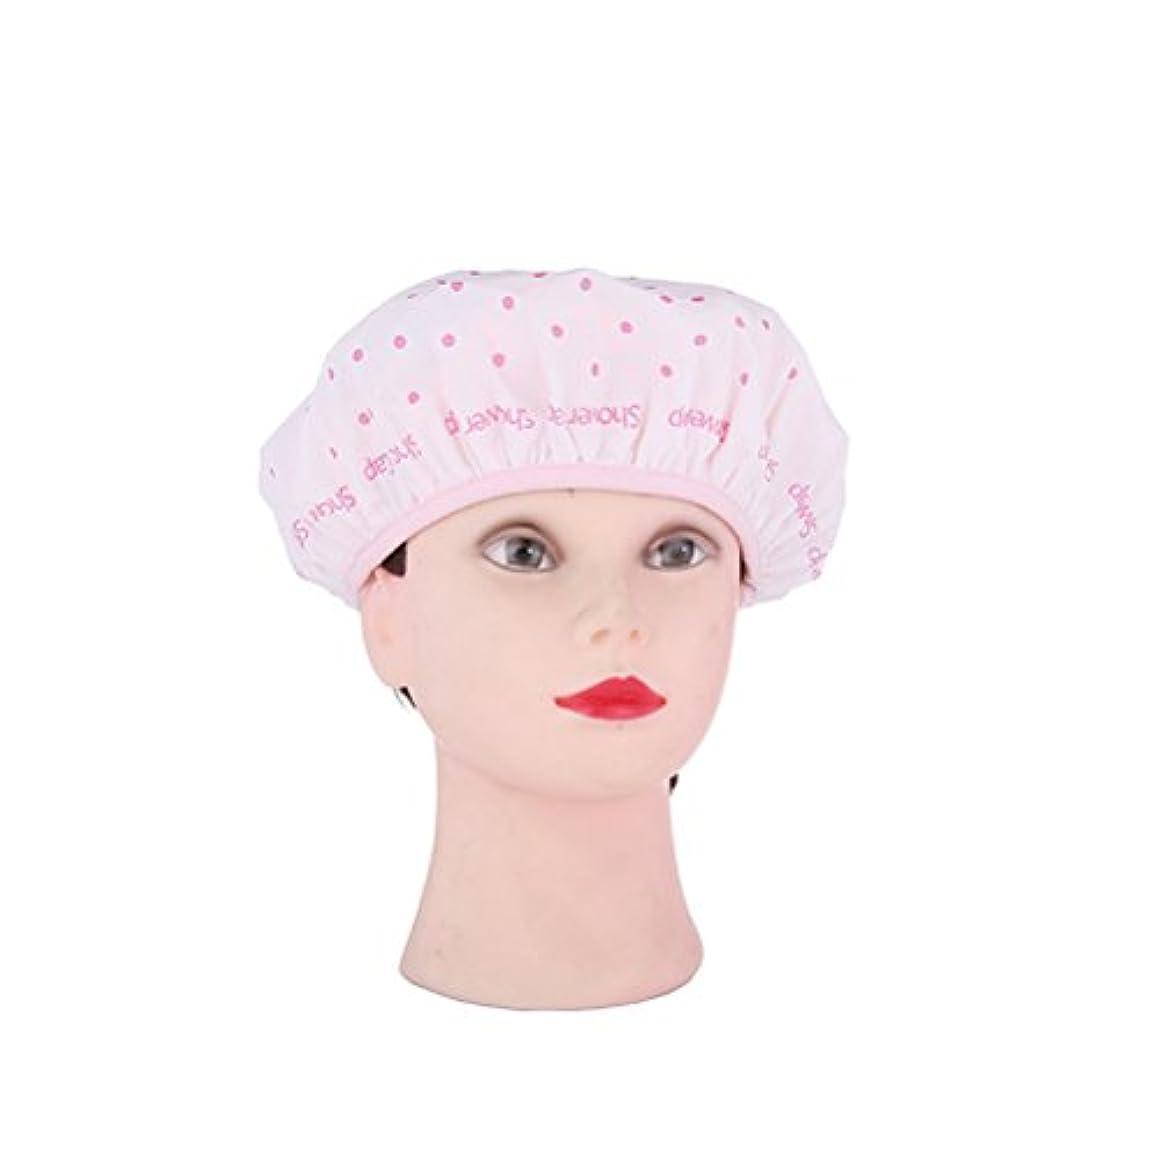 プリーツ幻滅する家庭HEALLILY シャワーの帽子女性の子供のための防水シャワーの帽子のBathのシャワーの毛の帽子